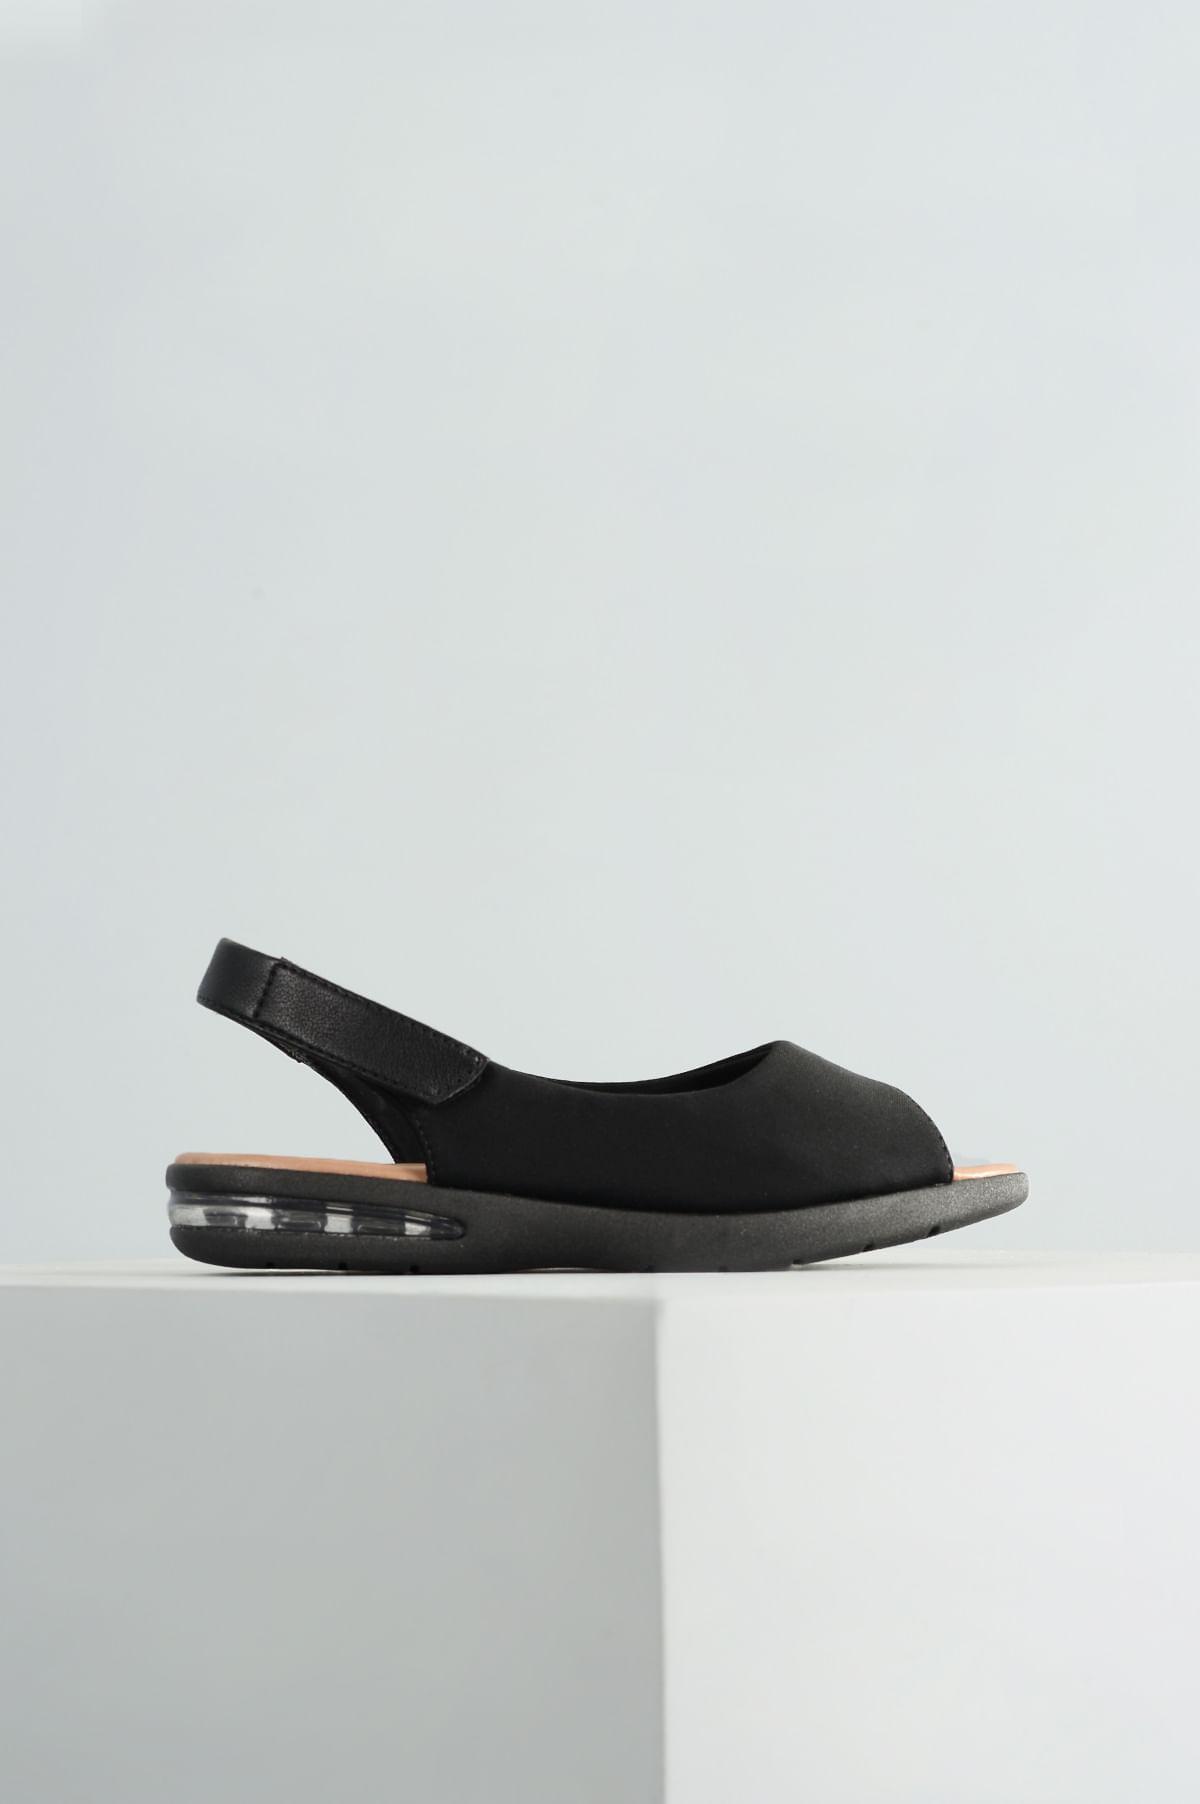 8d5eefbb26c5b Sandália Feminina Lycra Comfort Flex TEC - PRETO - Mundial Calçados